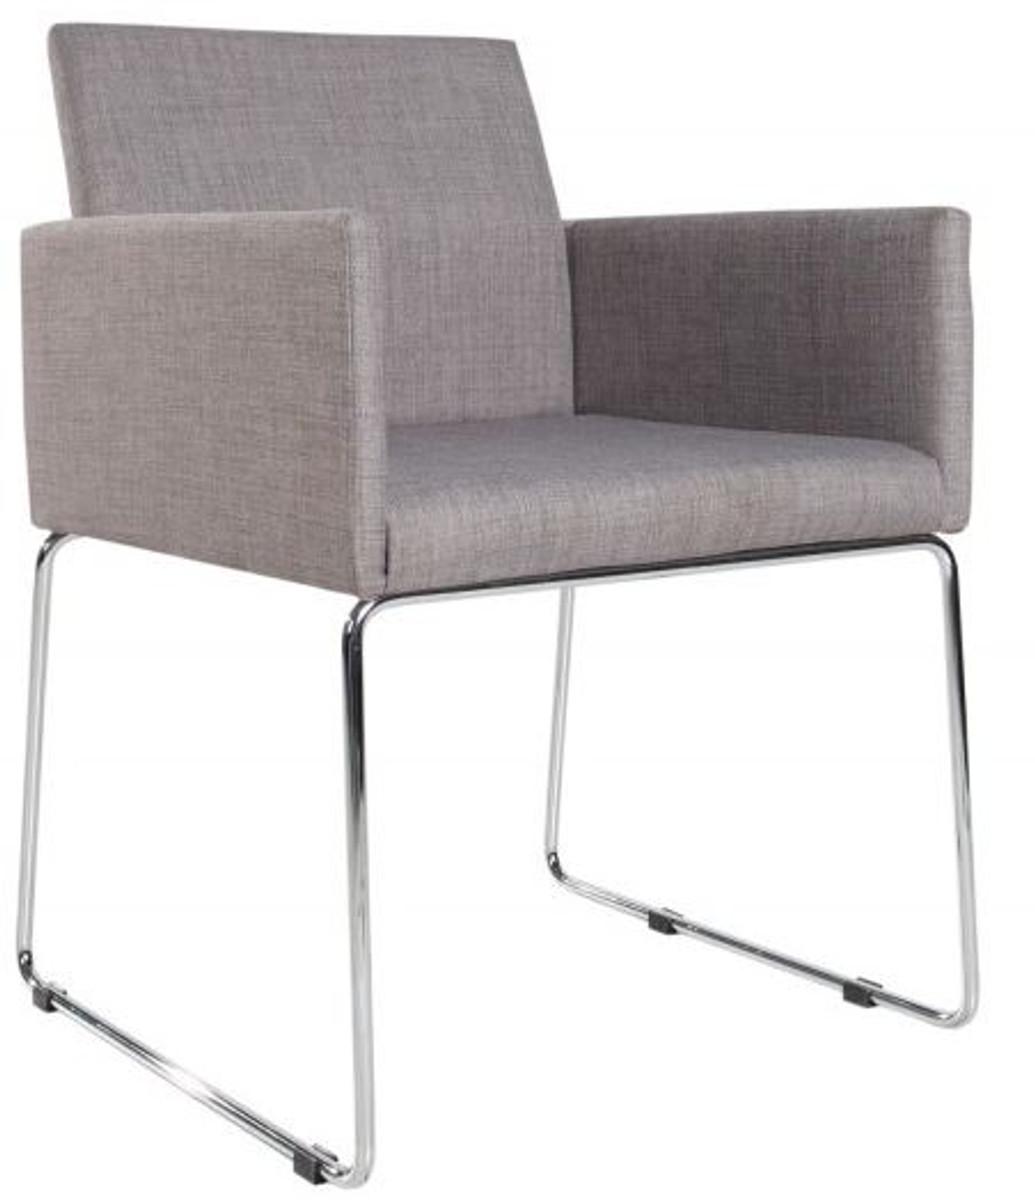 casa padrino designer stuhl mit armlehnen grau 55cm x 80cm x 60cm b rom bel kaufen bei. Black Bedroom Furniture Sets. Home Design Ideas